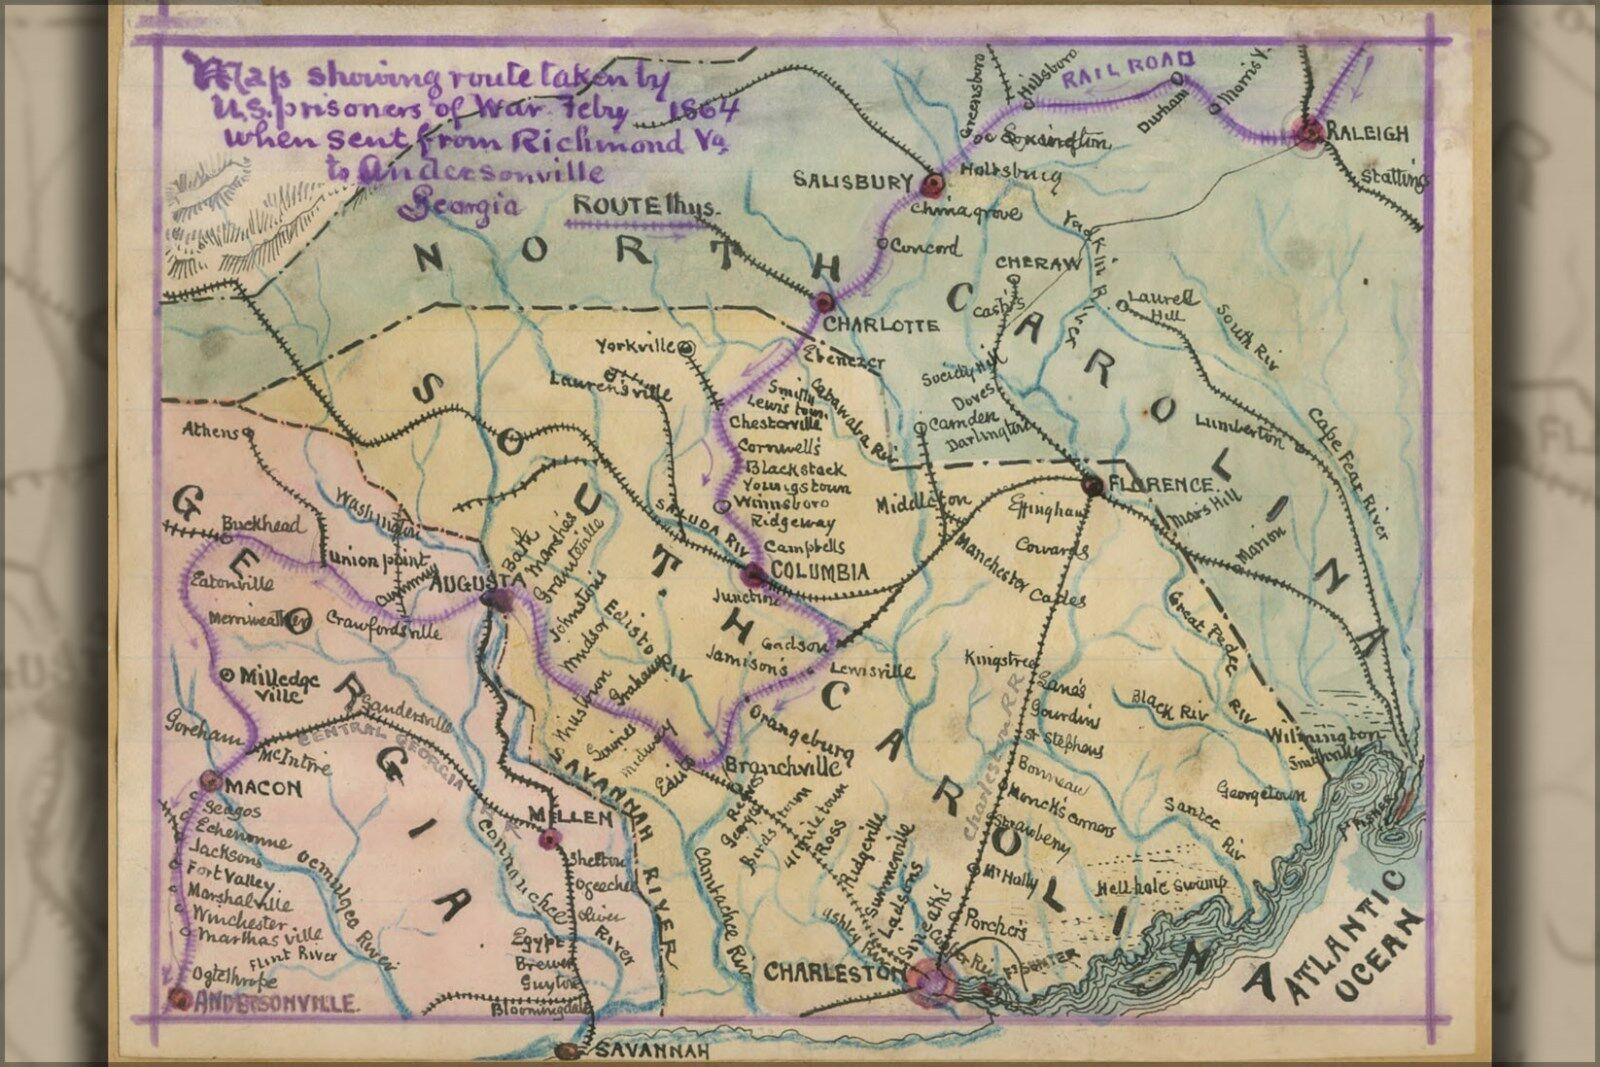 Plakat, Viele Größen; Karte Route U.S.Prisoners Of War